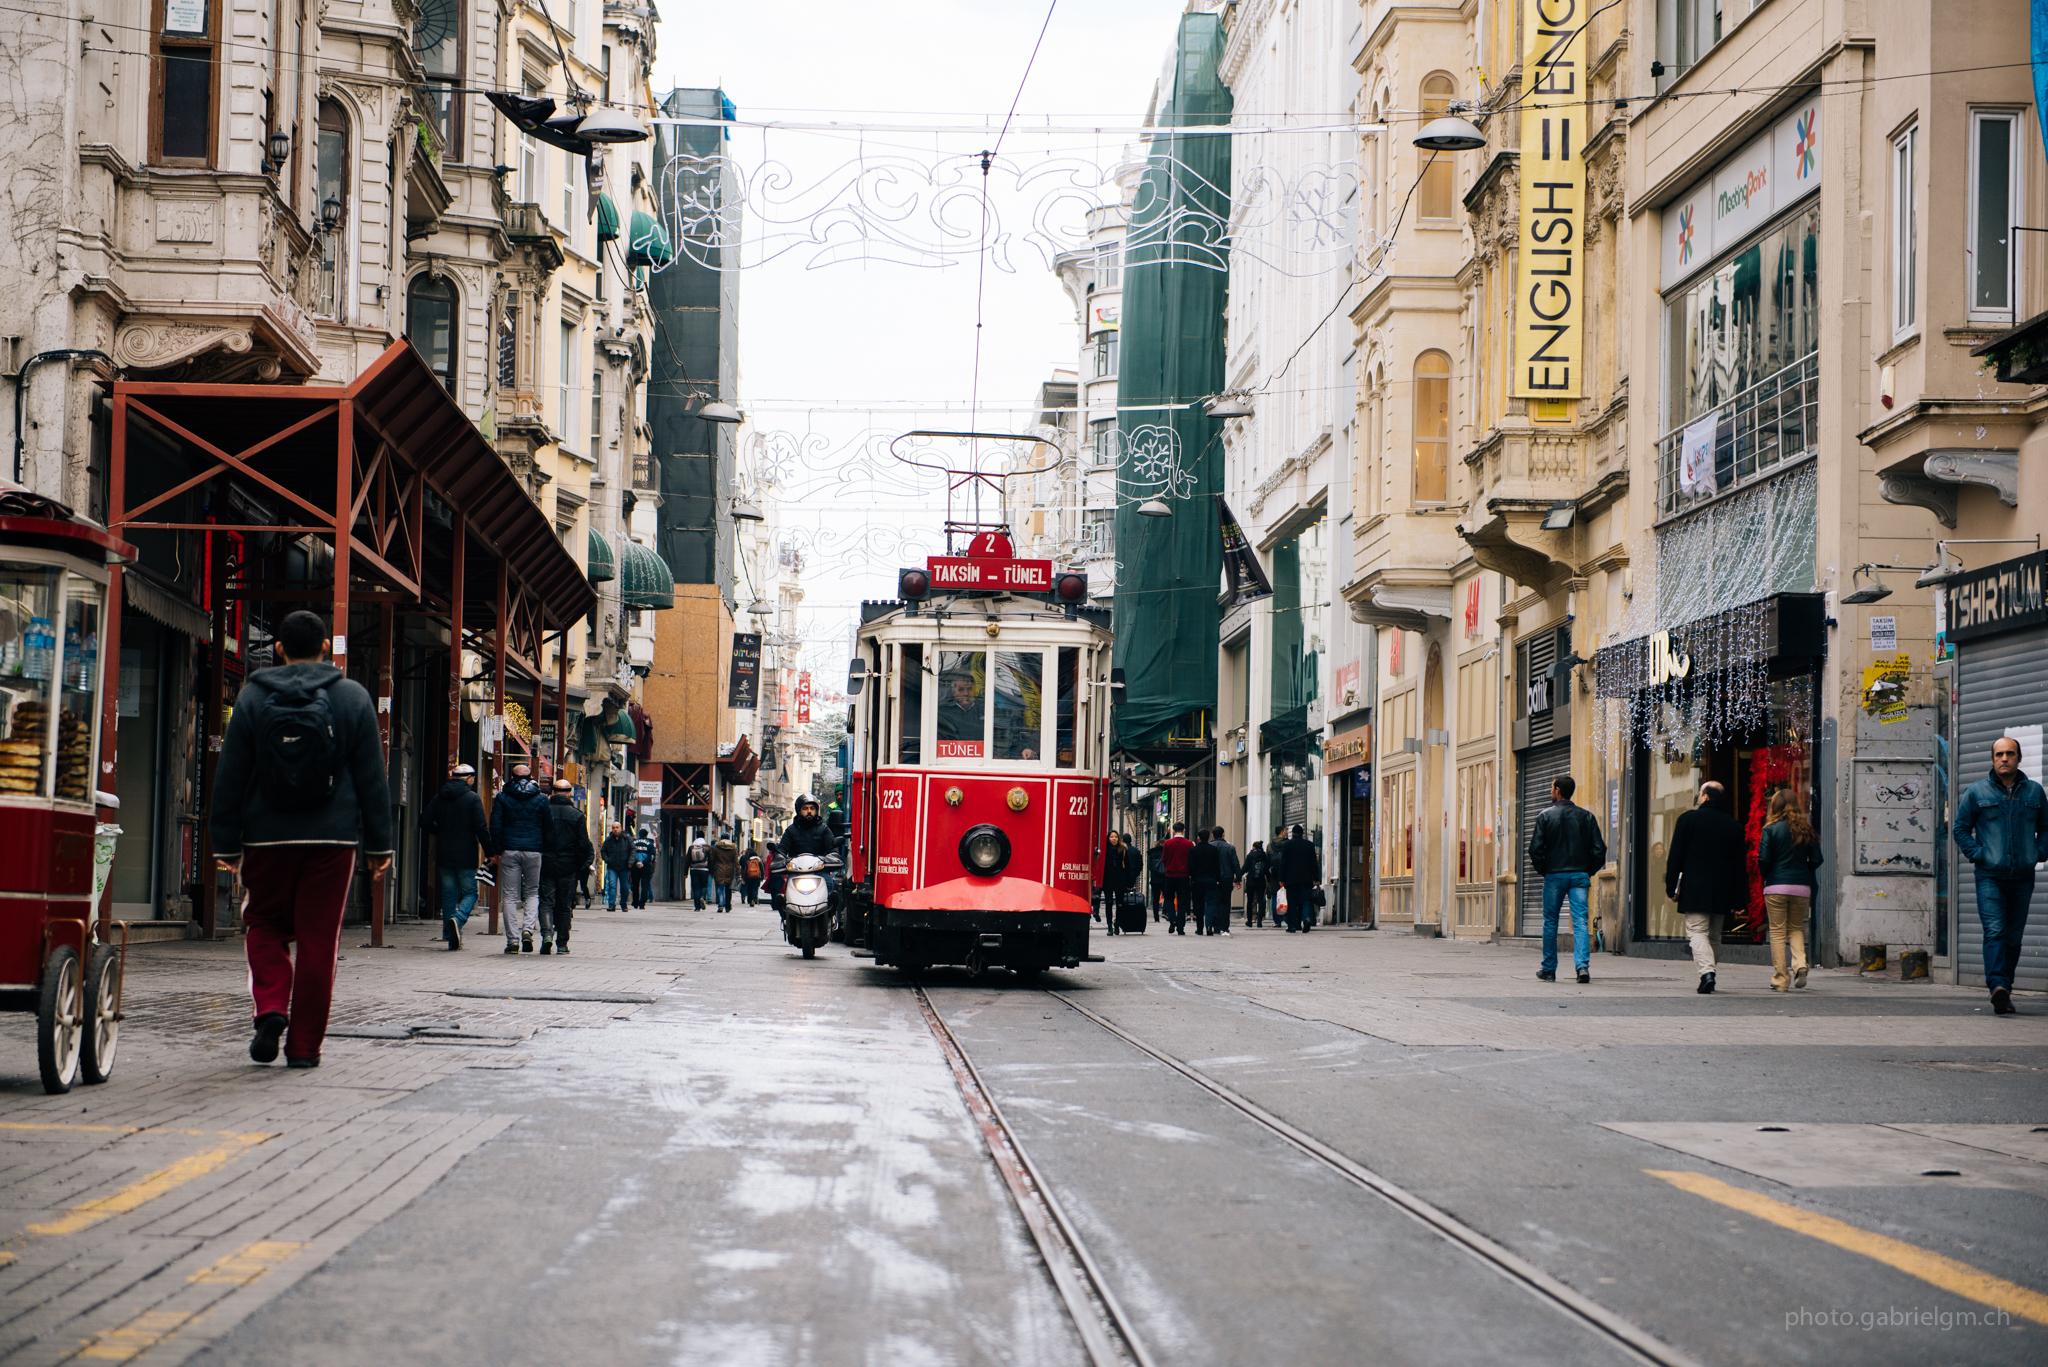 Taksim-Tünel Nostalgia Tramway